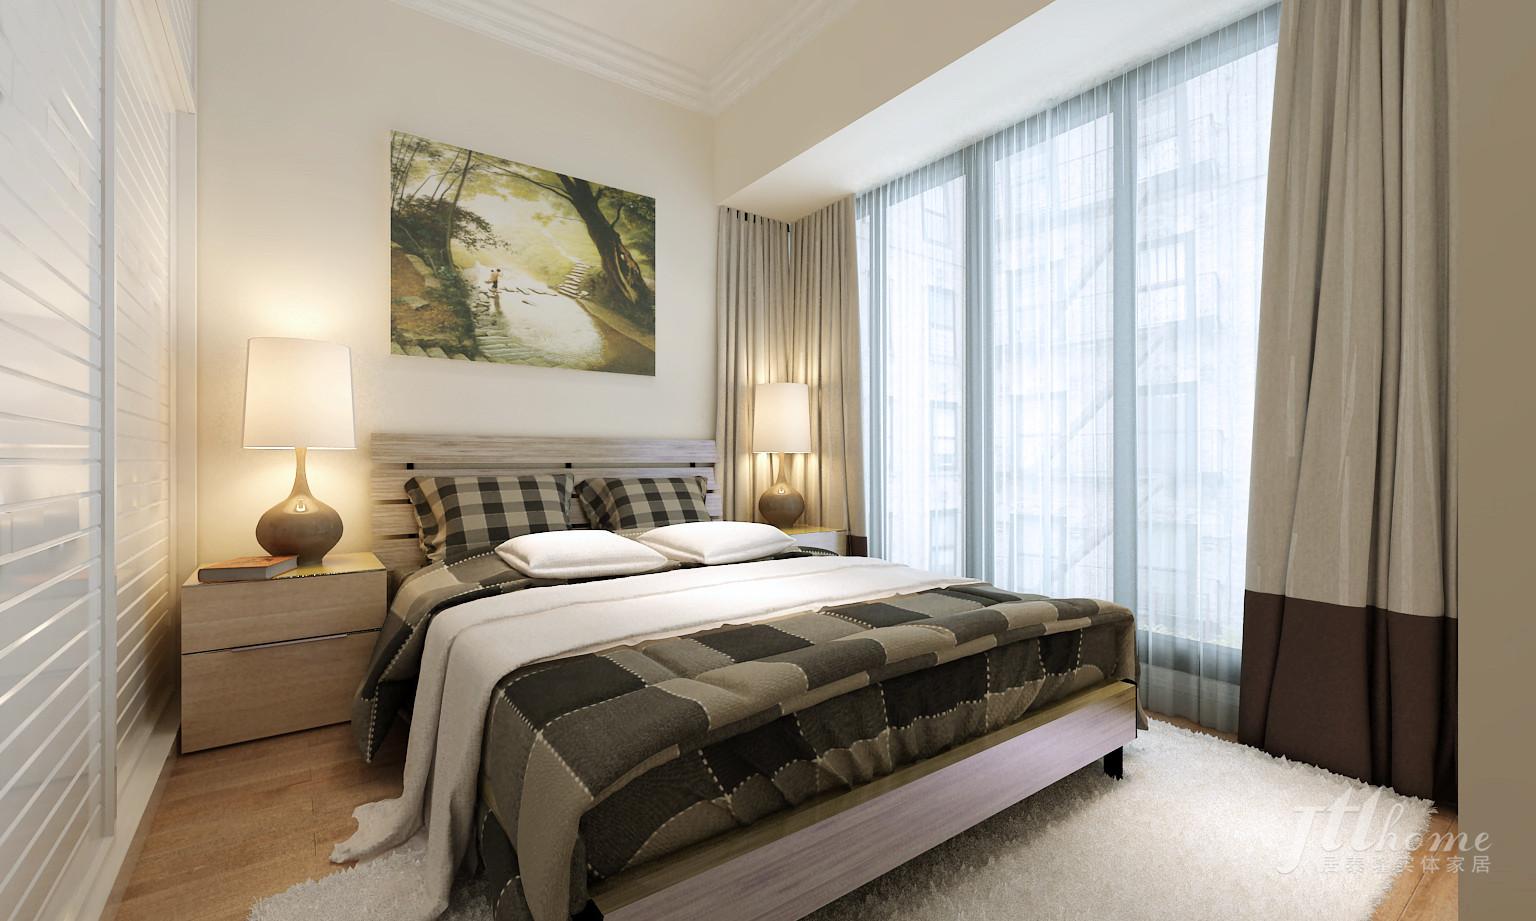 简约 二居 宜居 舒适 温馨 卧室图片来自居泰隆深圳在振业天峦 现代简约二居室的分享